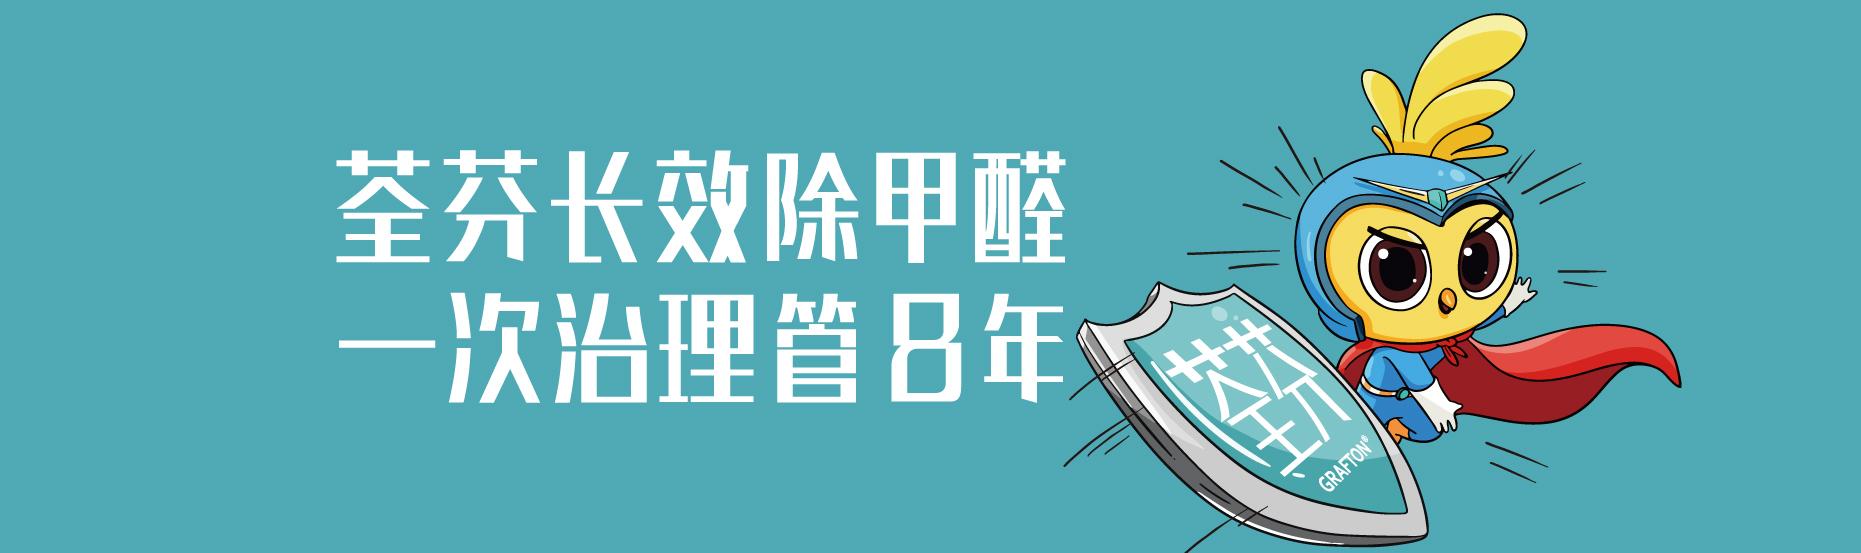 郑州人人彩票注册公司